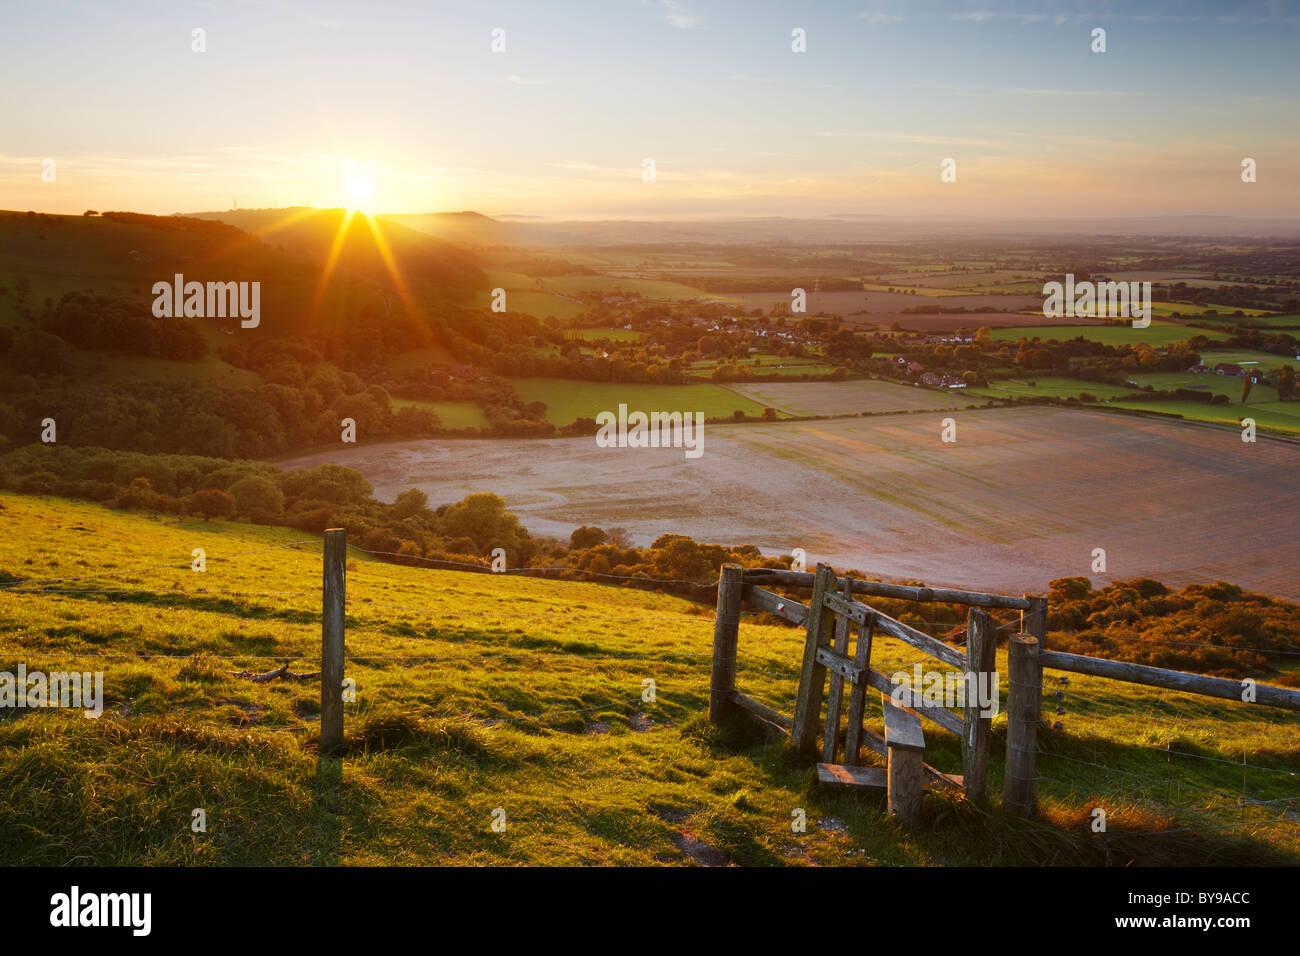 Stil mit Blick auf die Landschaft von West Sussex. Die Abendsonne seinen Abstieg hinter dem welligen Hügel Stockbild